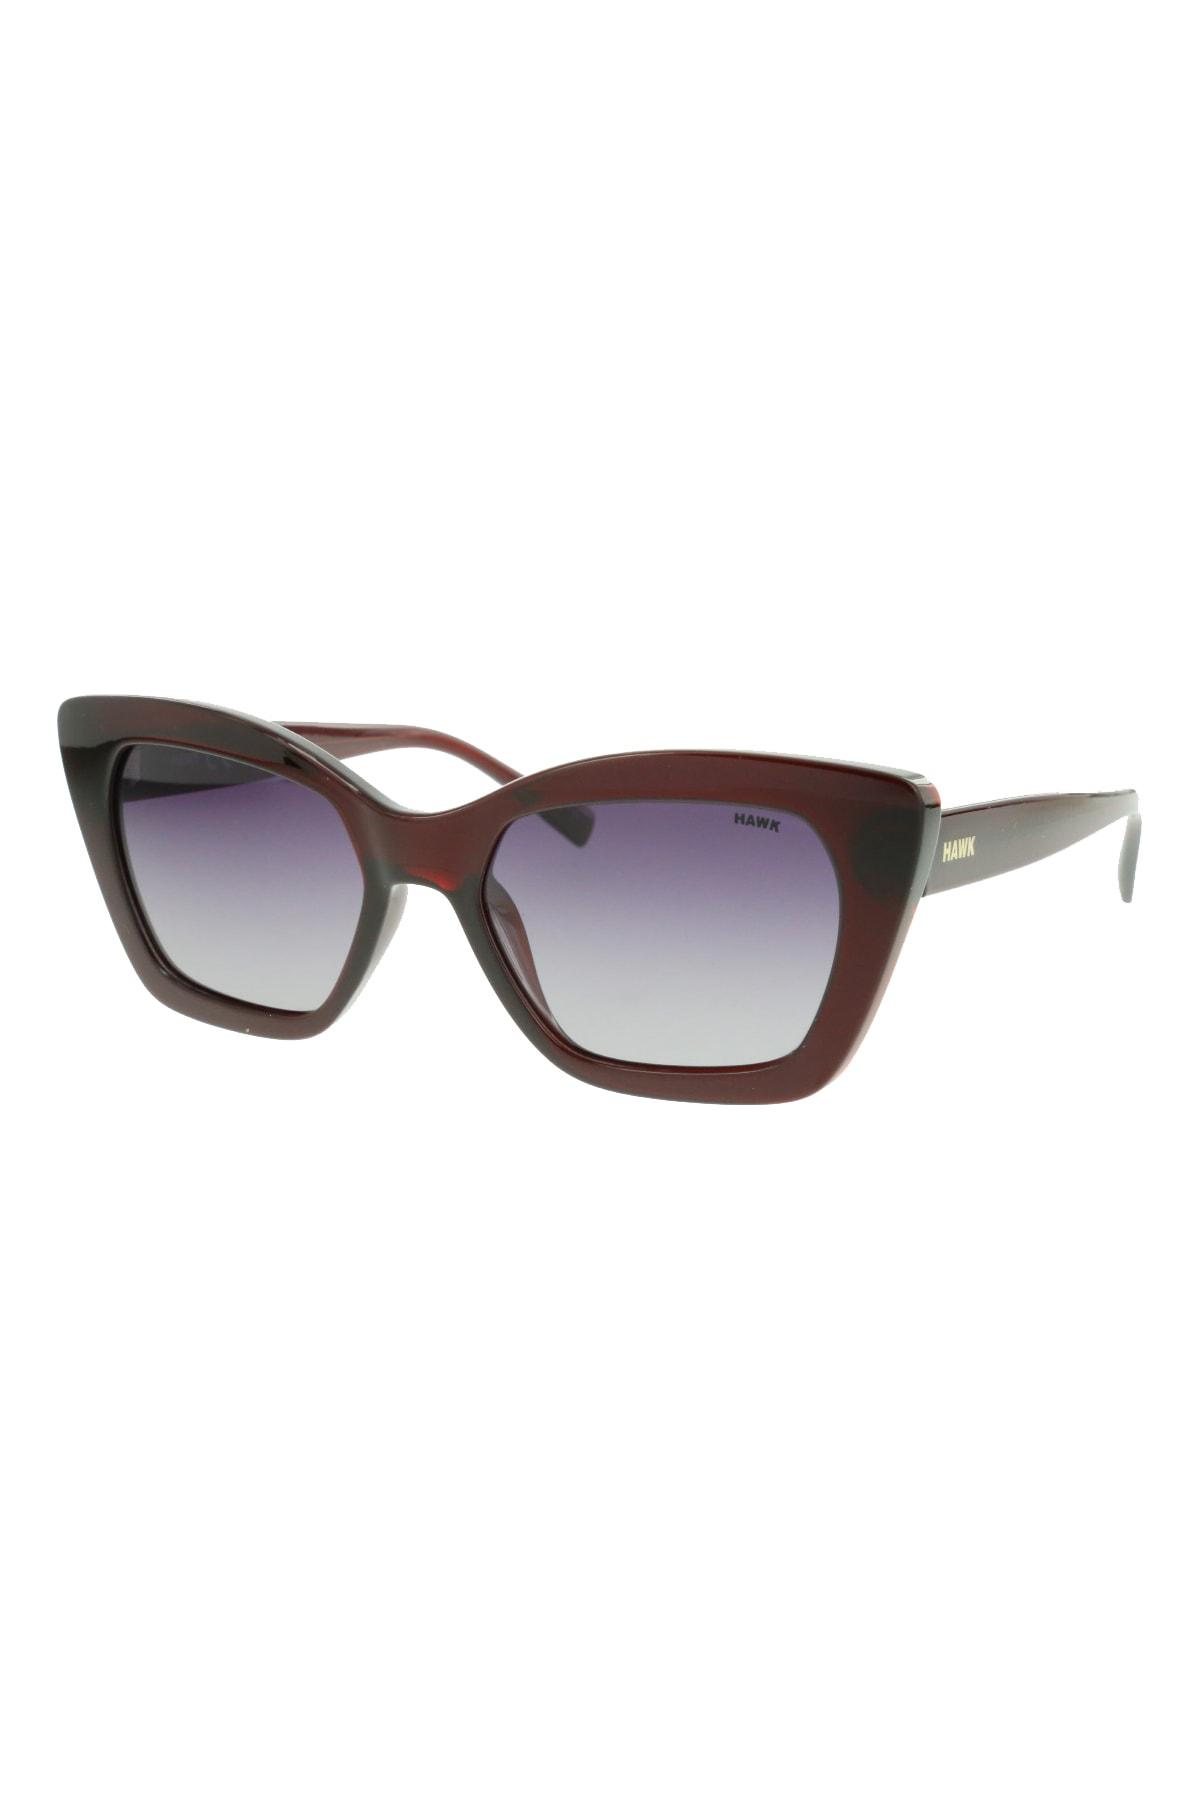 سفارش انلاین عینک آفتابی زنانه ساده برند HAWK رنگ قهوه ای کد ty32526103